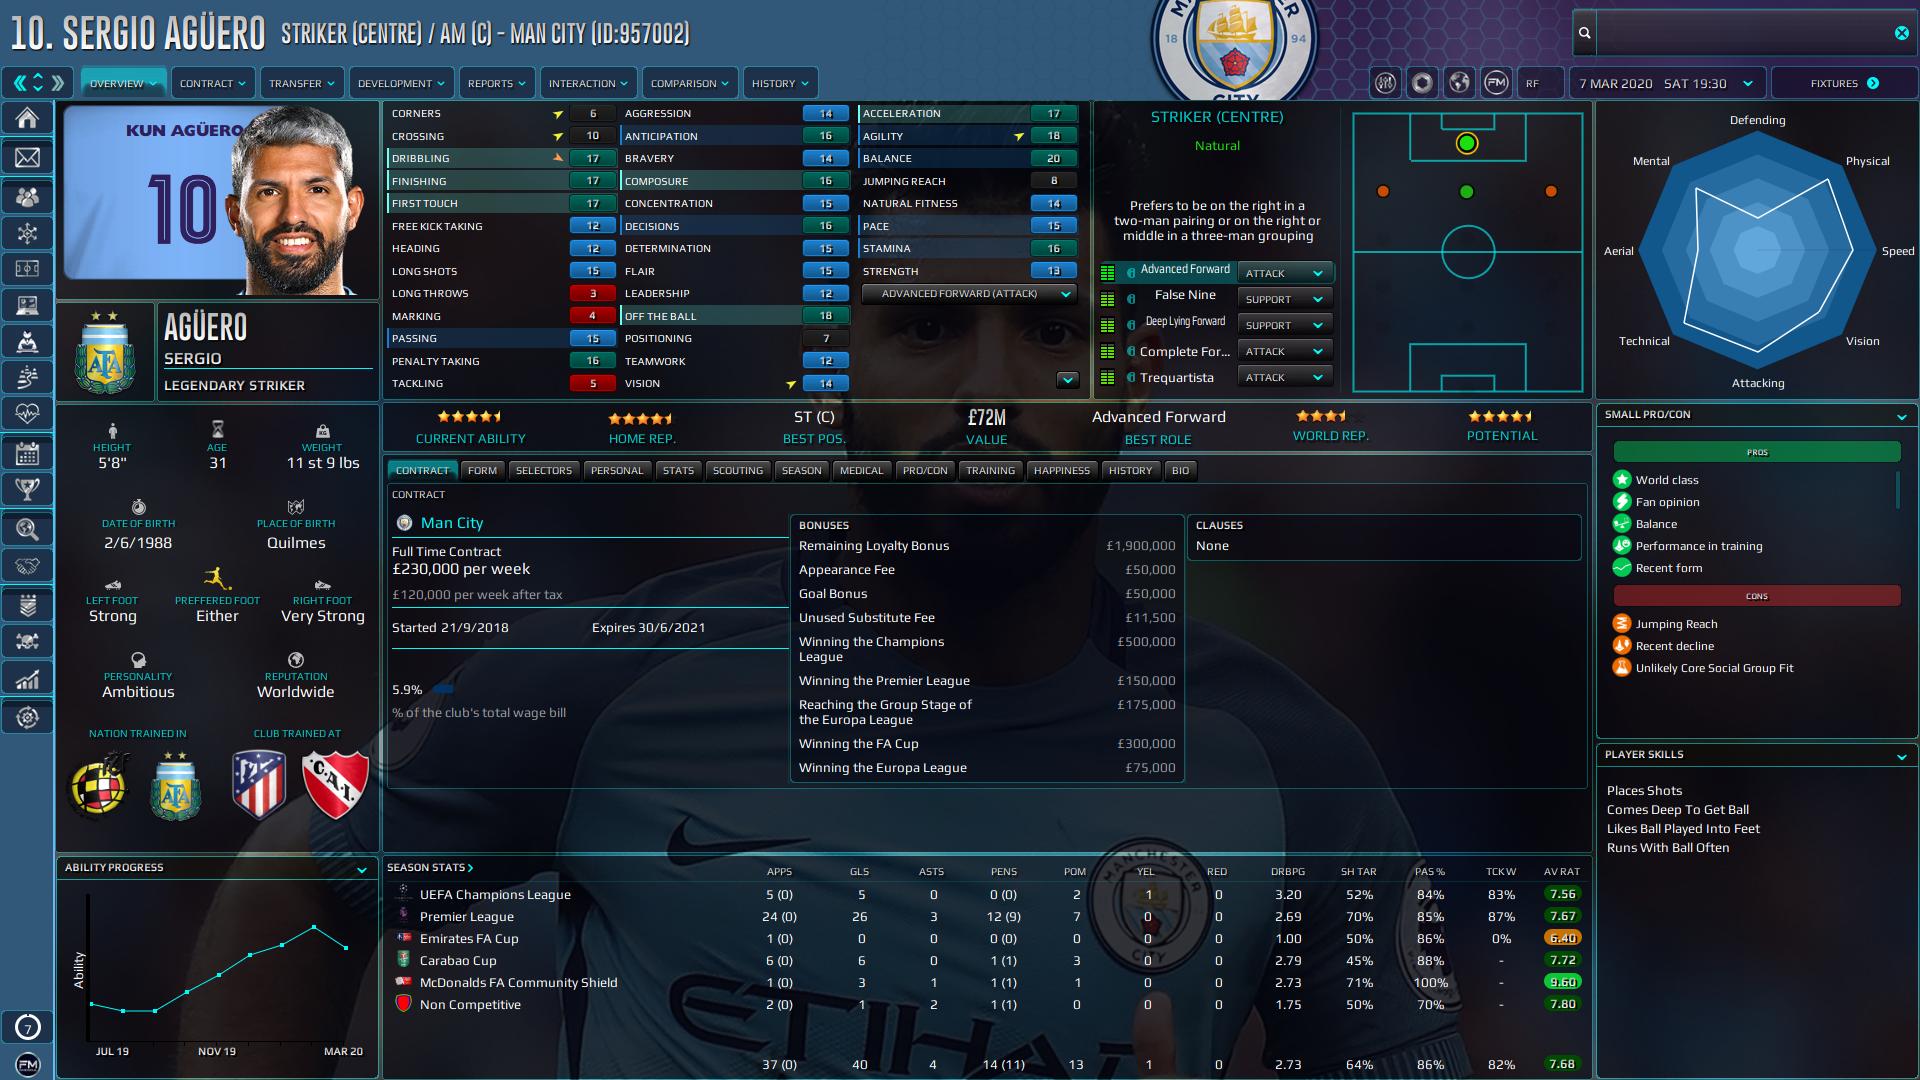 Football Manager 2020 Skins - Gemini '20 (v12) // FM20 Skin